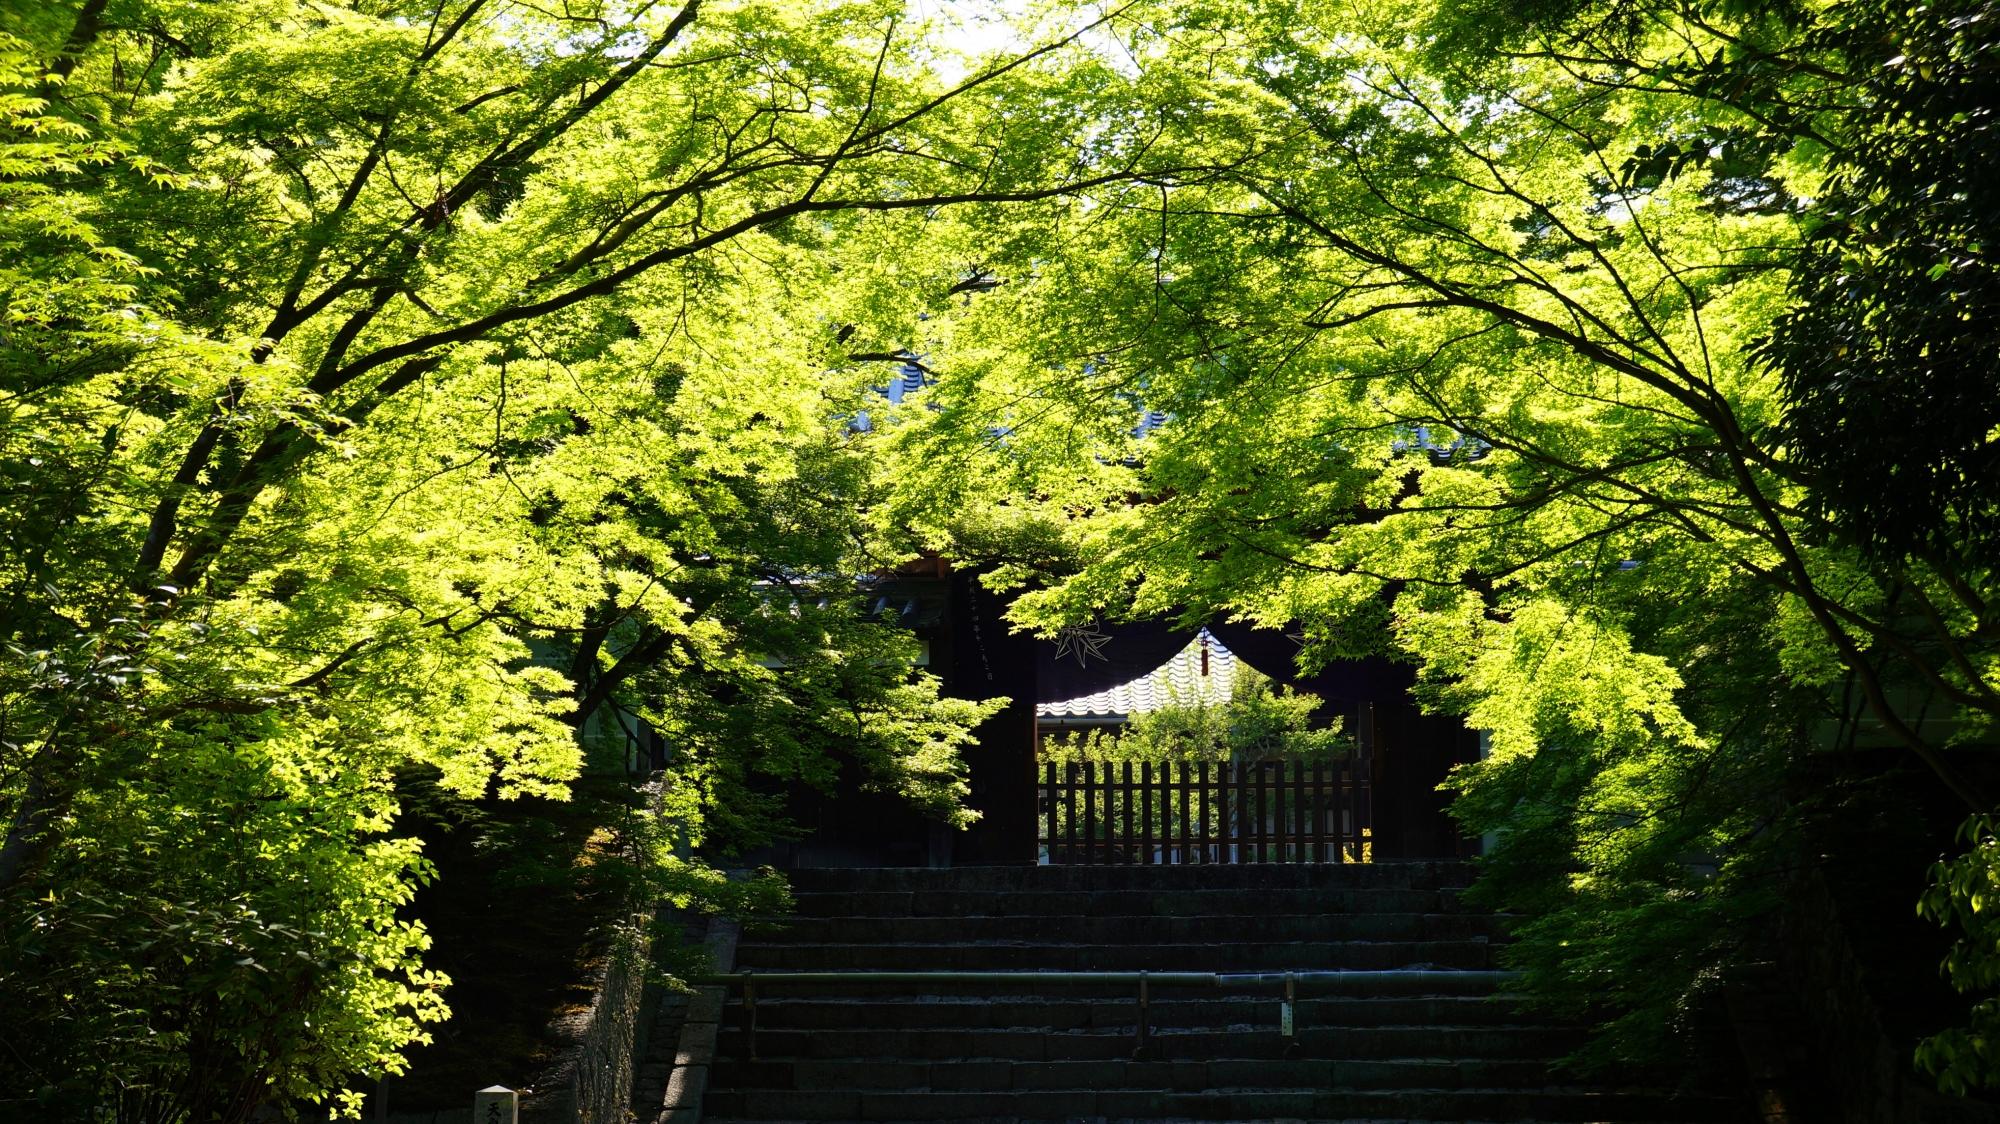 曼殊院の勅使門と眩しい新緑や青もみじ